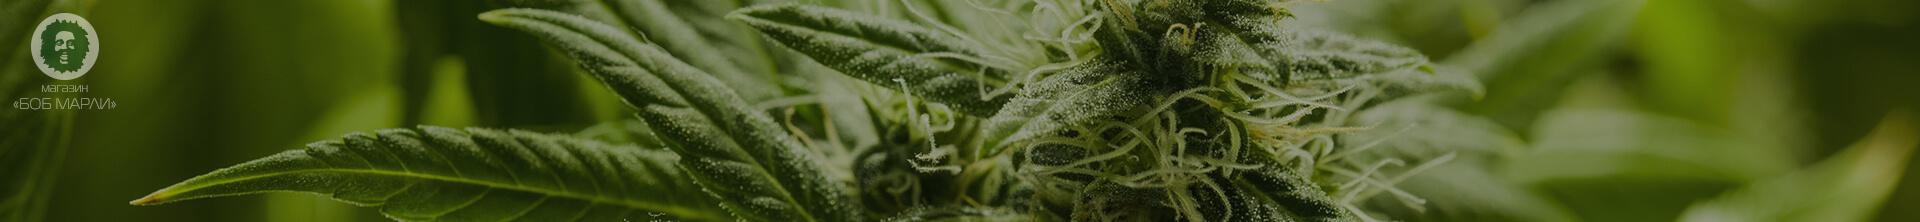 dwarf varieties of marijuana